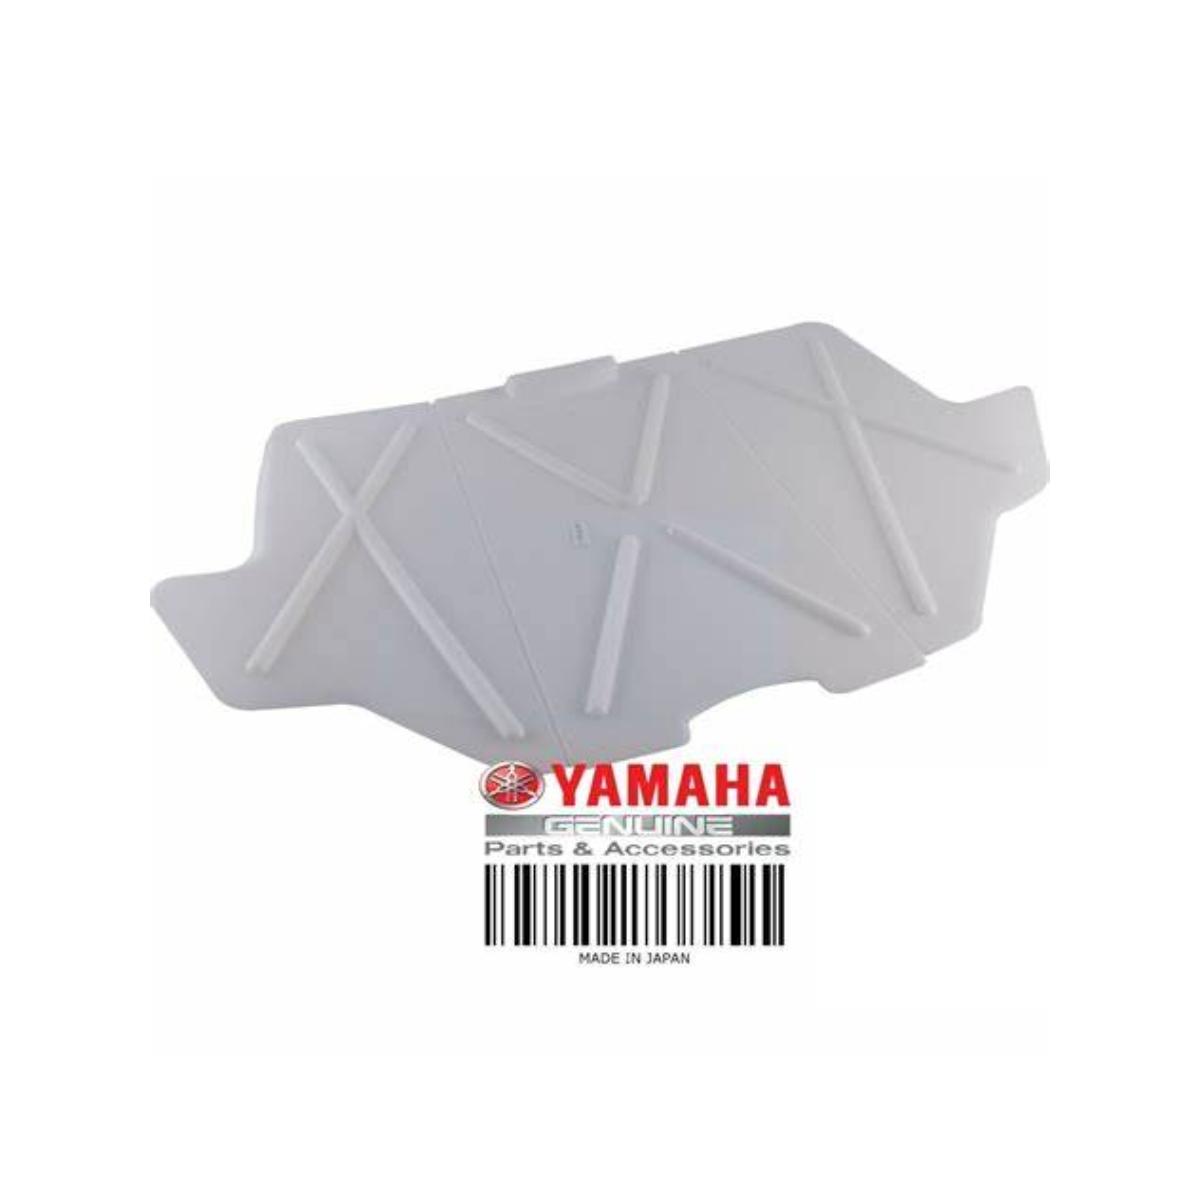 Tampa Interna da Geladeira Jet Ski Yamaha Vx até 09 ( articulada )  - Radical Peças - Peças para Jet Ski